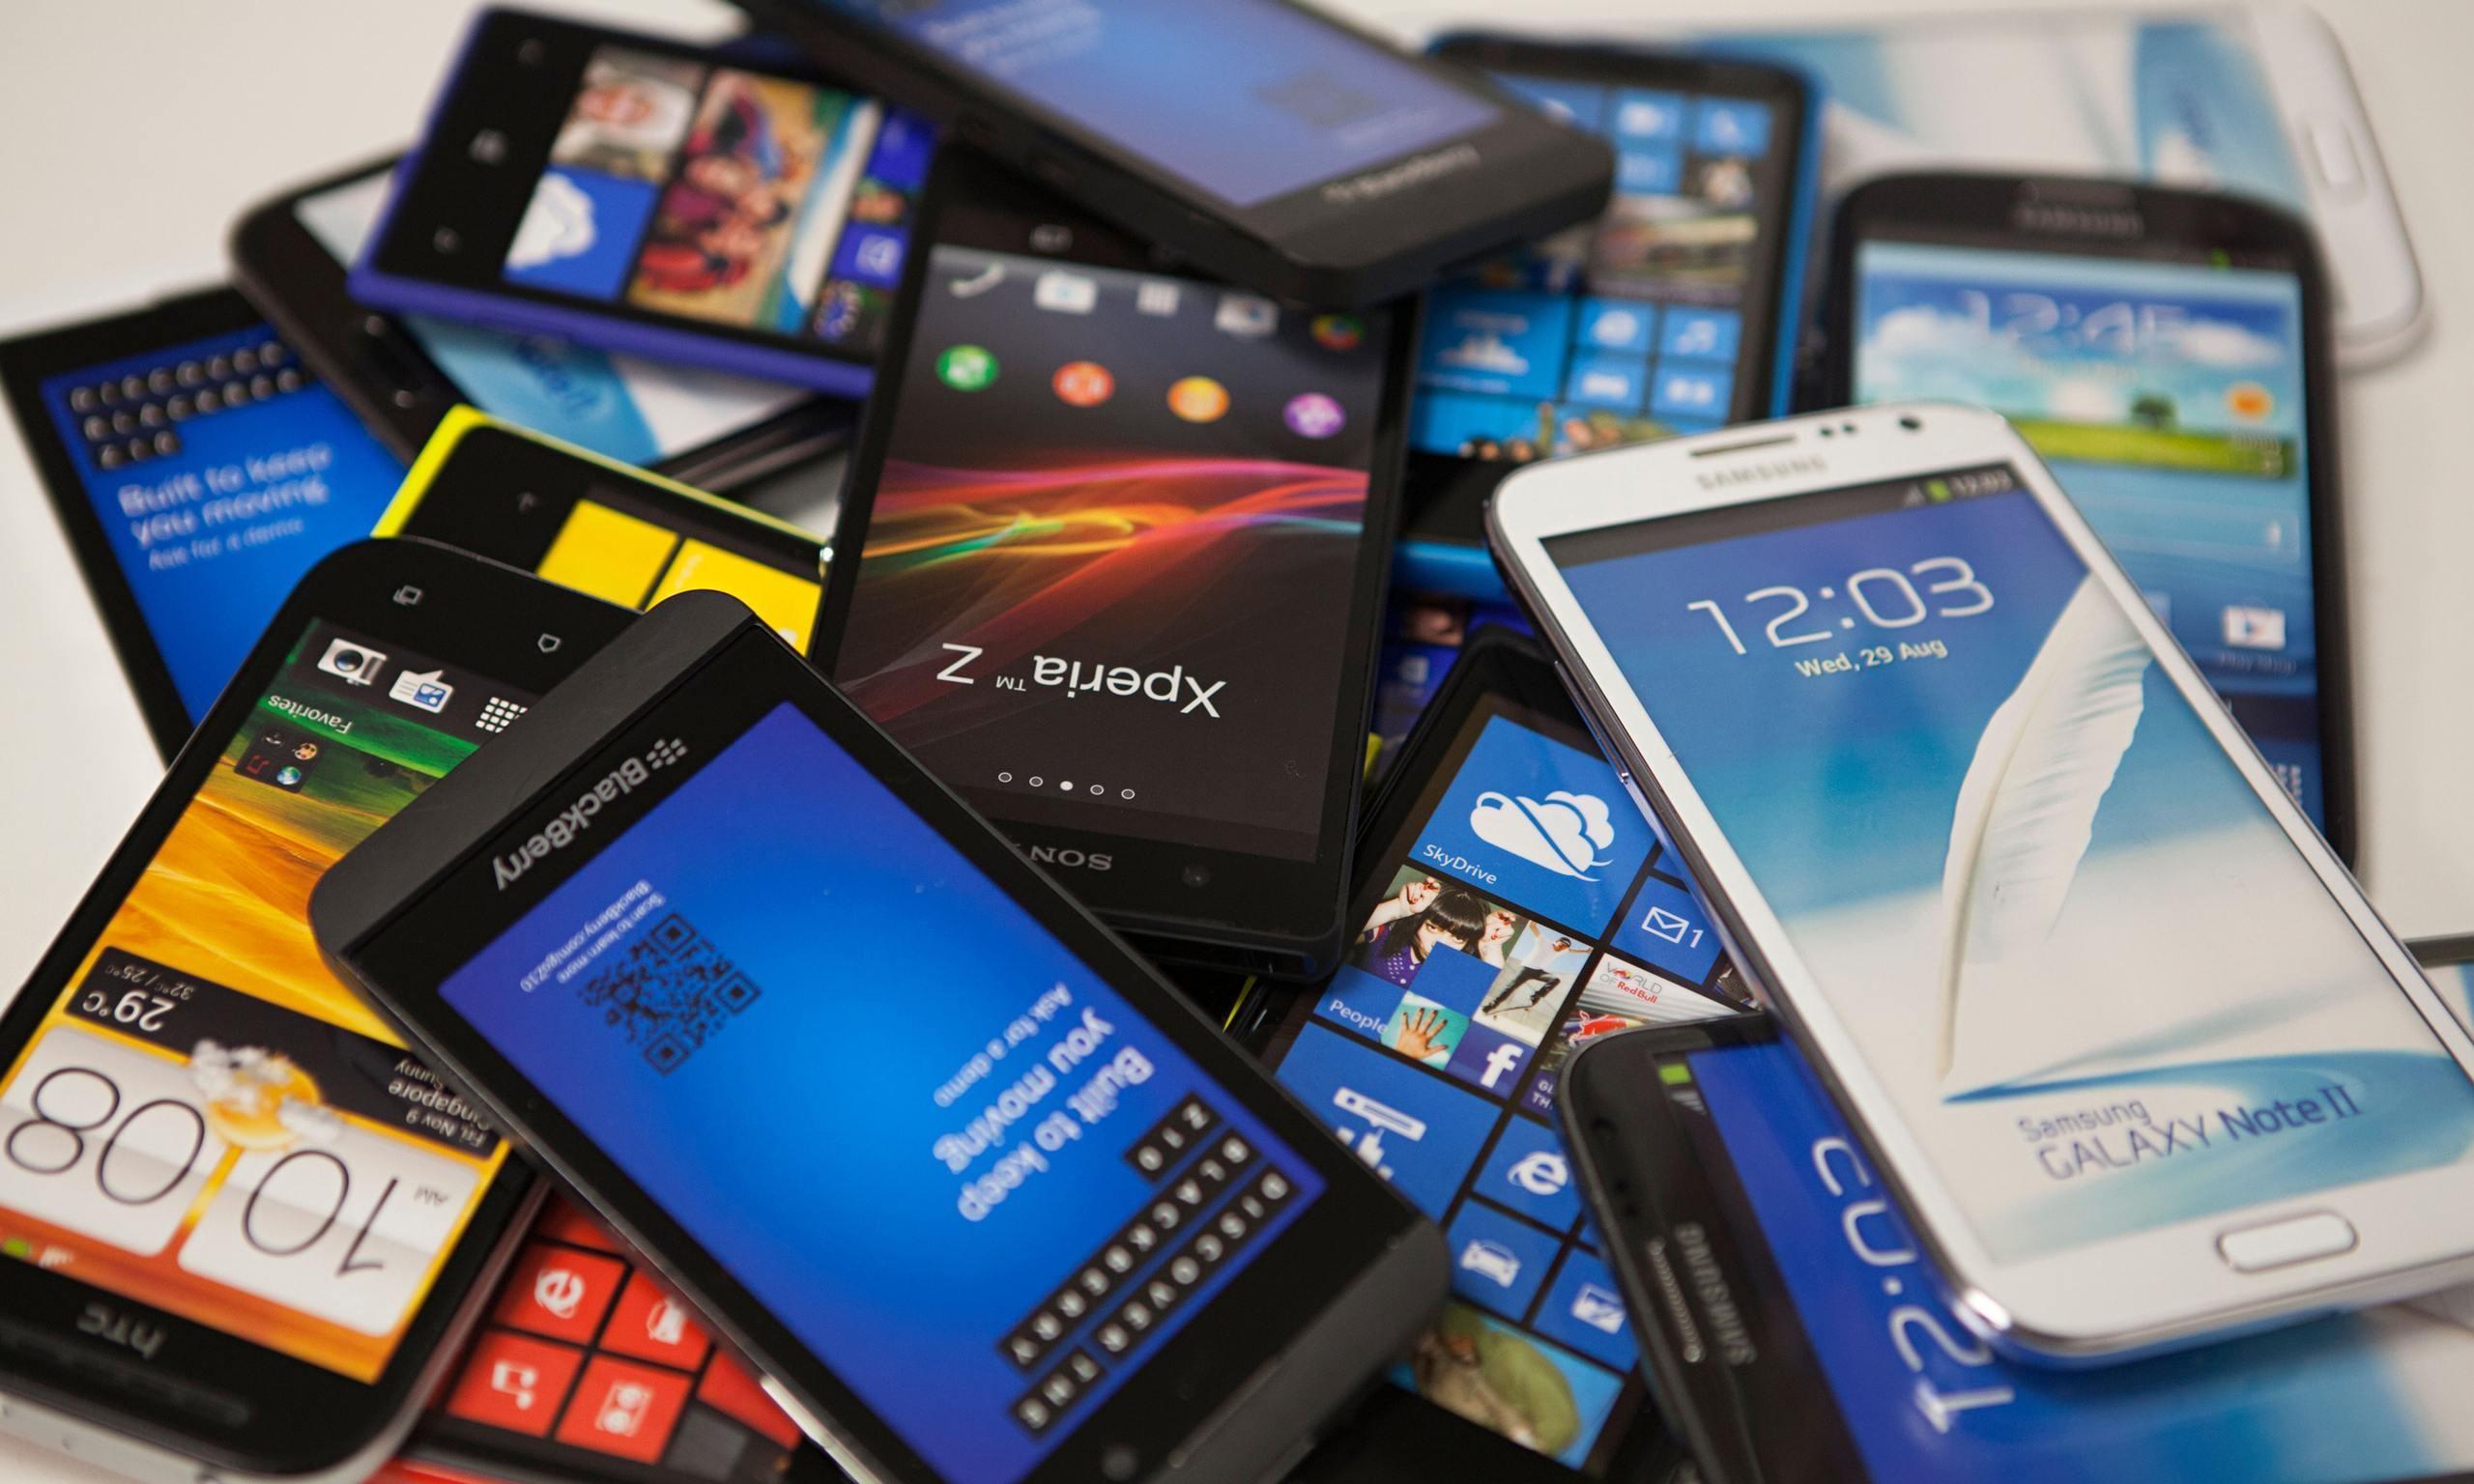 Eski Tablet ve Telefonları Yeniden Kullanmanın Yolları